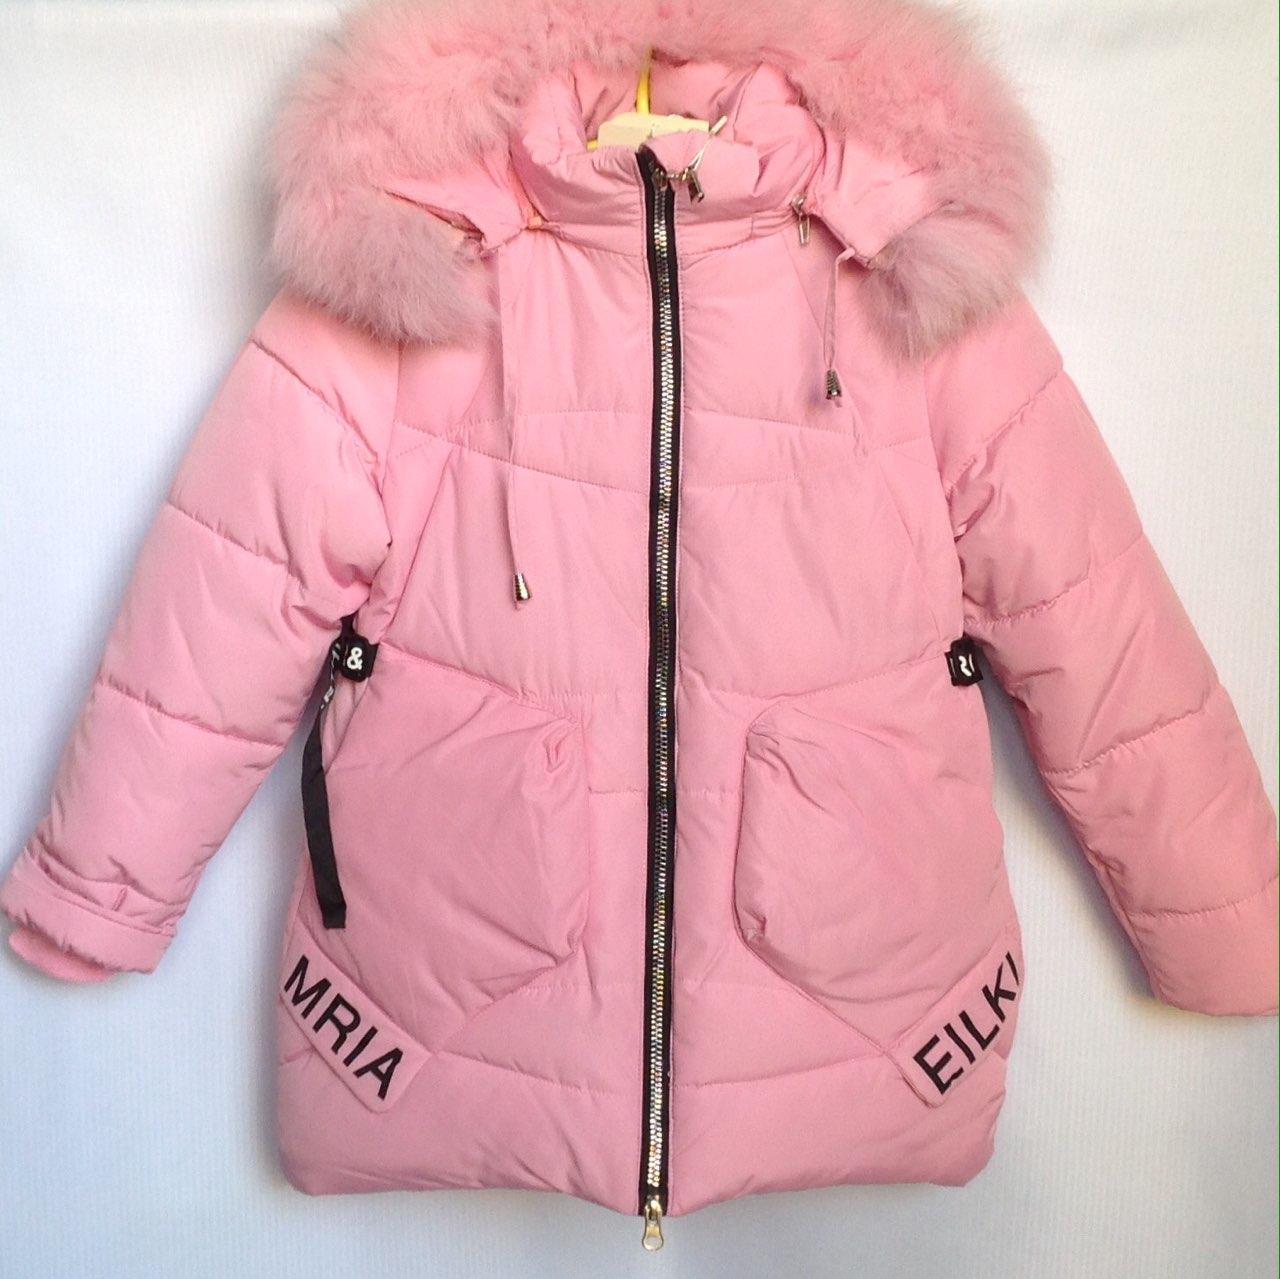 Куртка подростковая зимняя Arcade #А-4 для девочек. 128-152 см (8-12 лет). Фиалковая. Оптом.